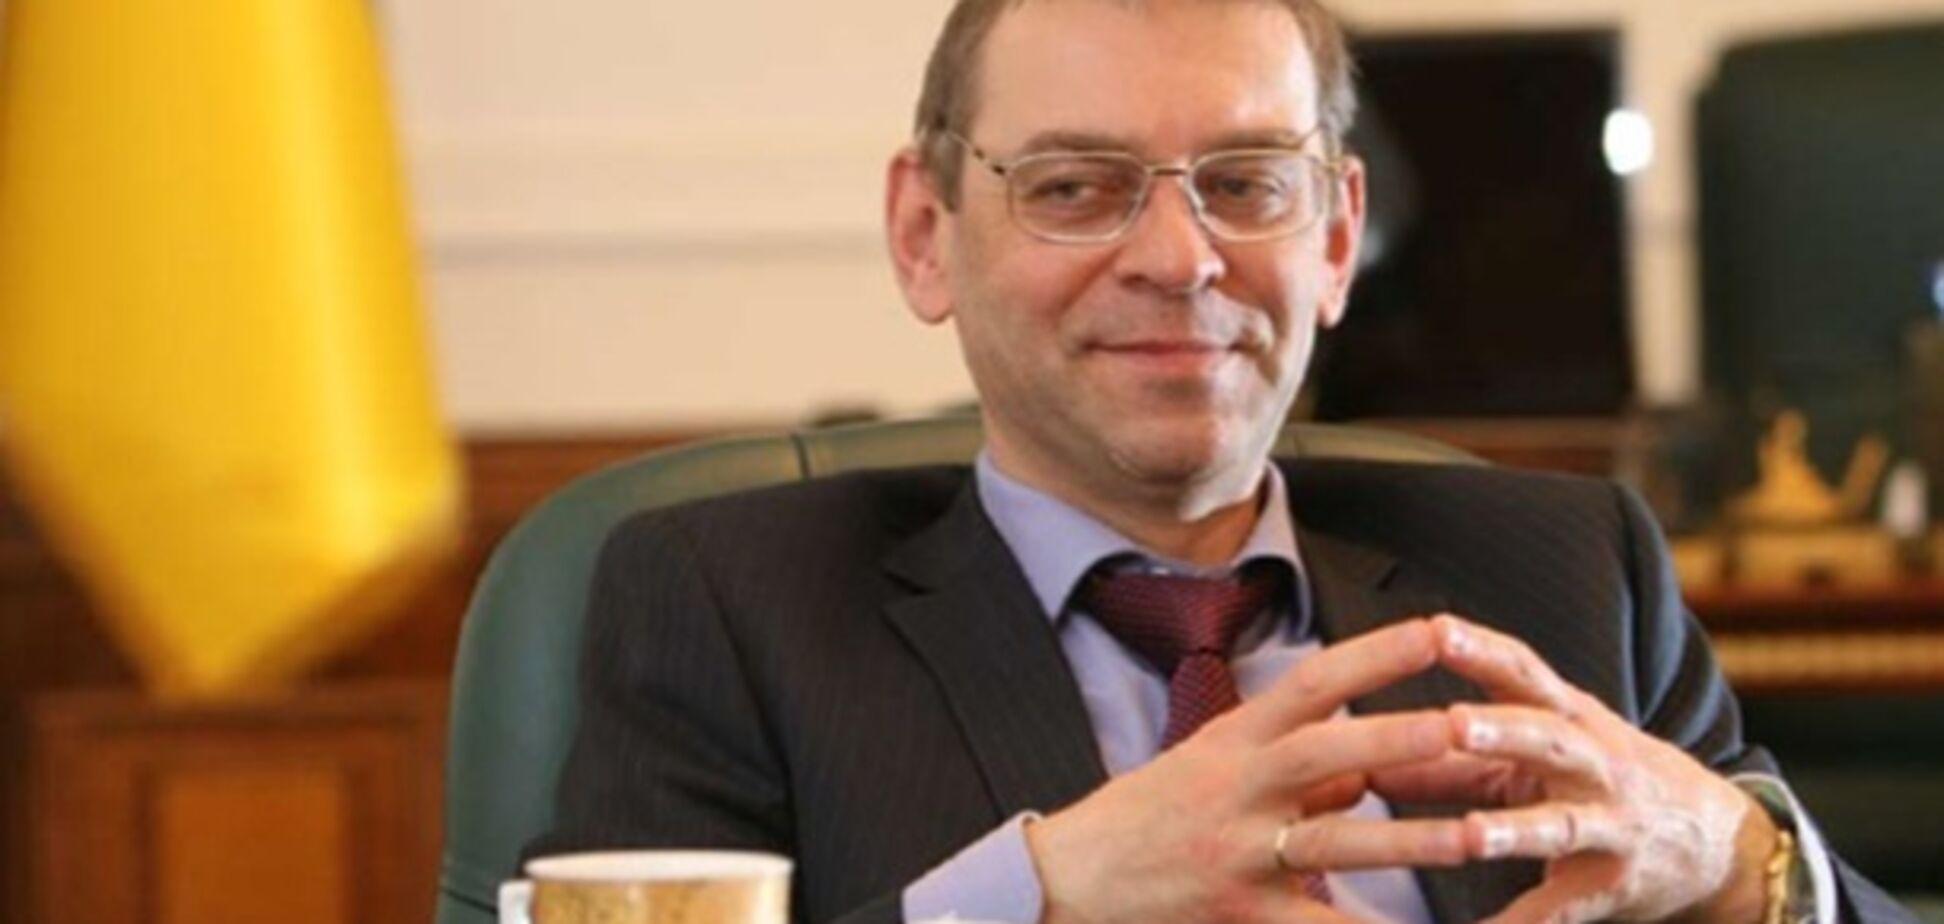 ГПУ закликали скасувати закриття справи проти Пашинського